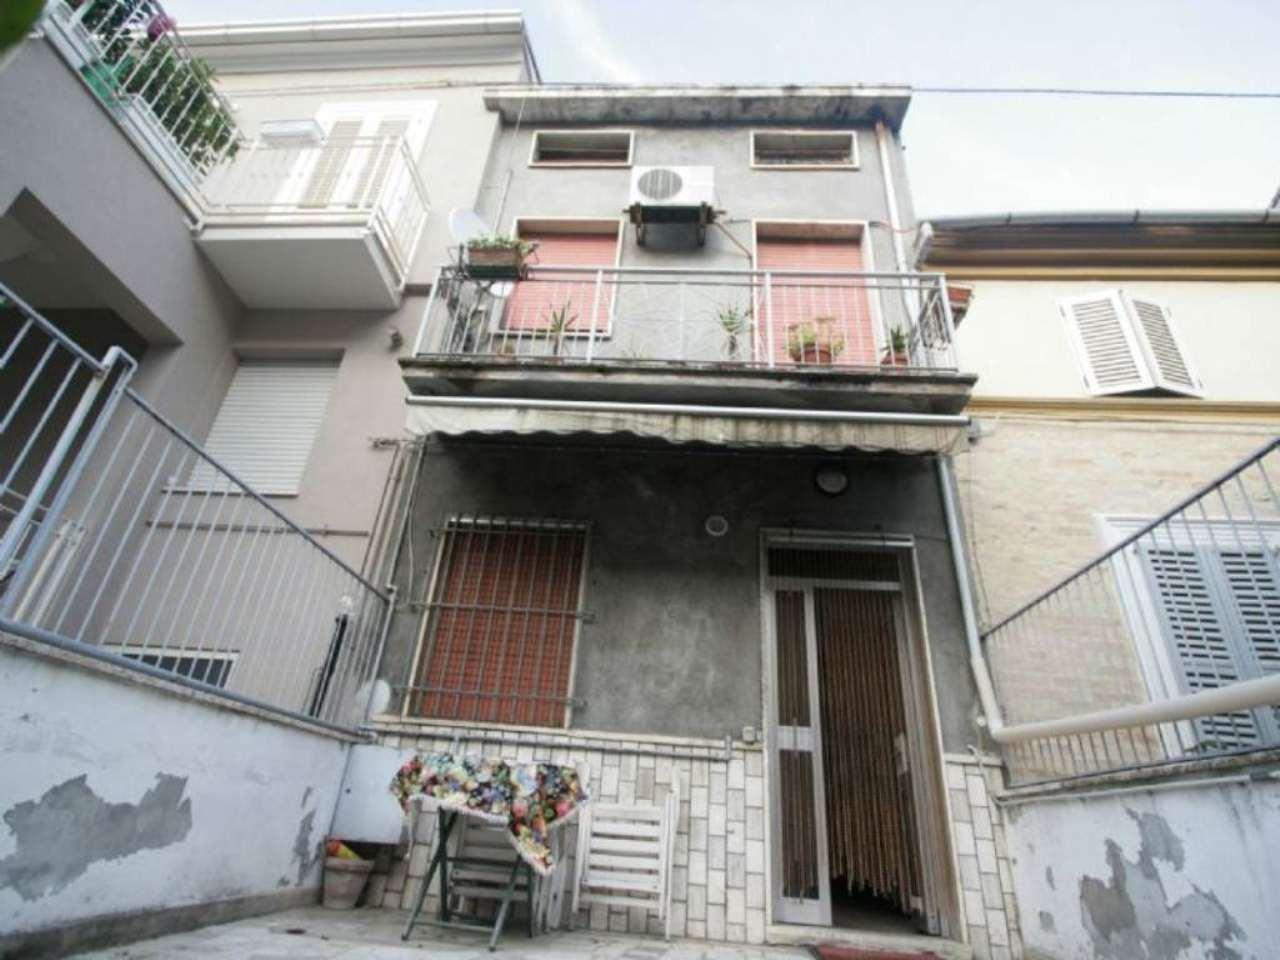 Soluzione Indipendente in vendita a Civitanova Marche, 5 locali, prezzo € 215.000 | Cambio Casa.it